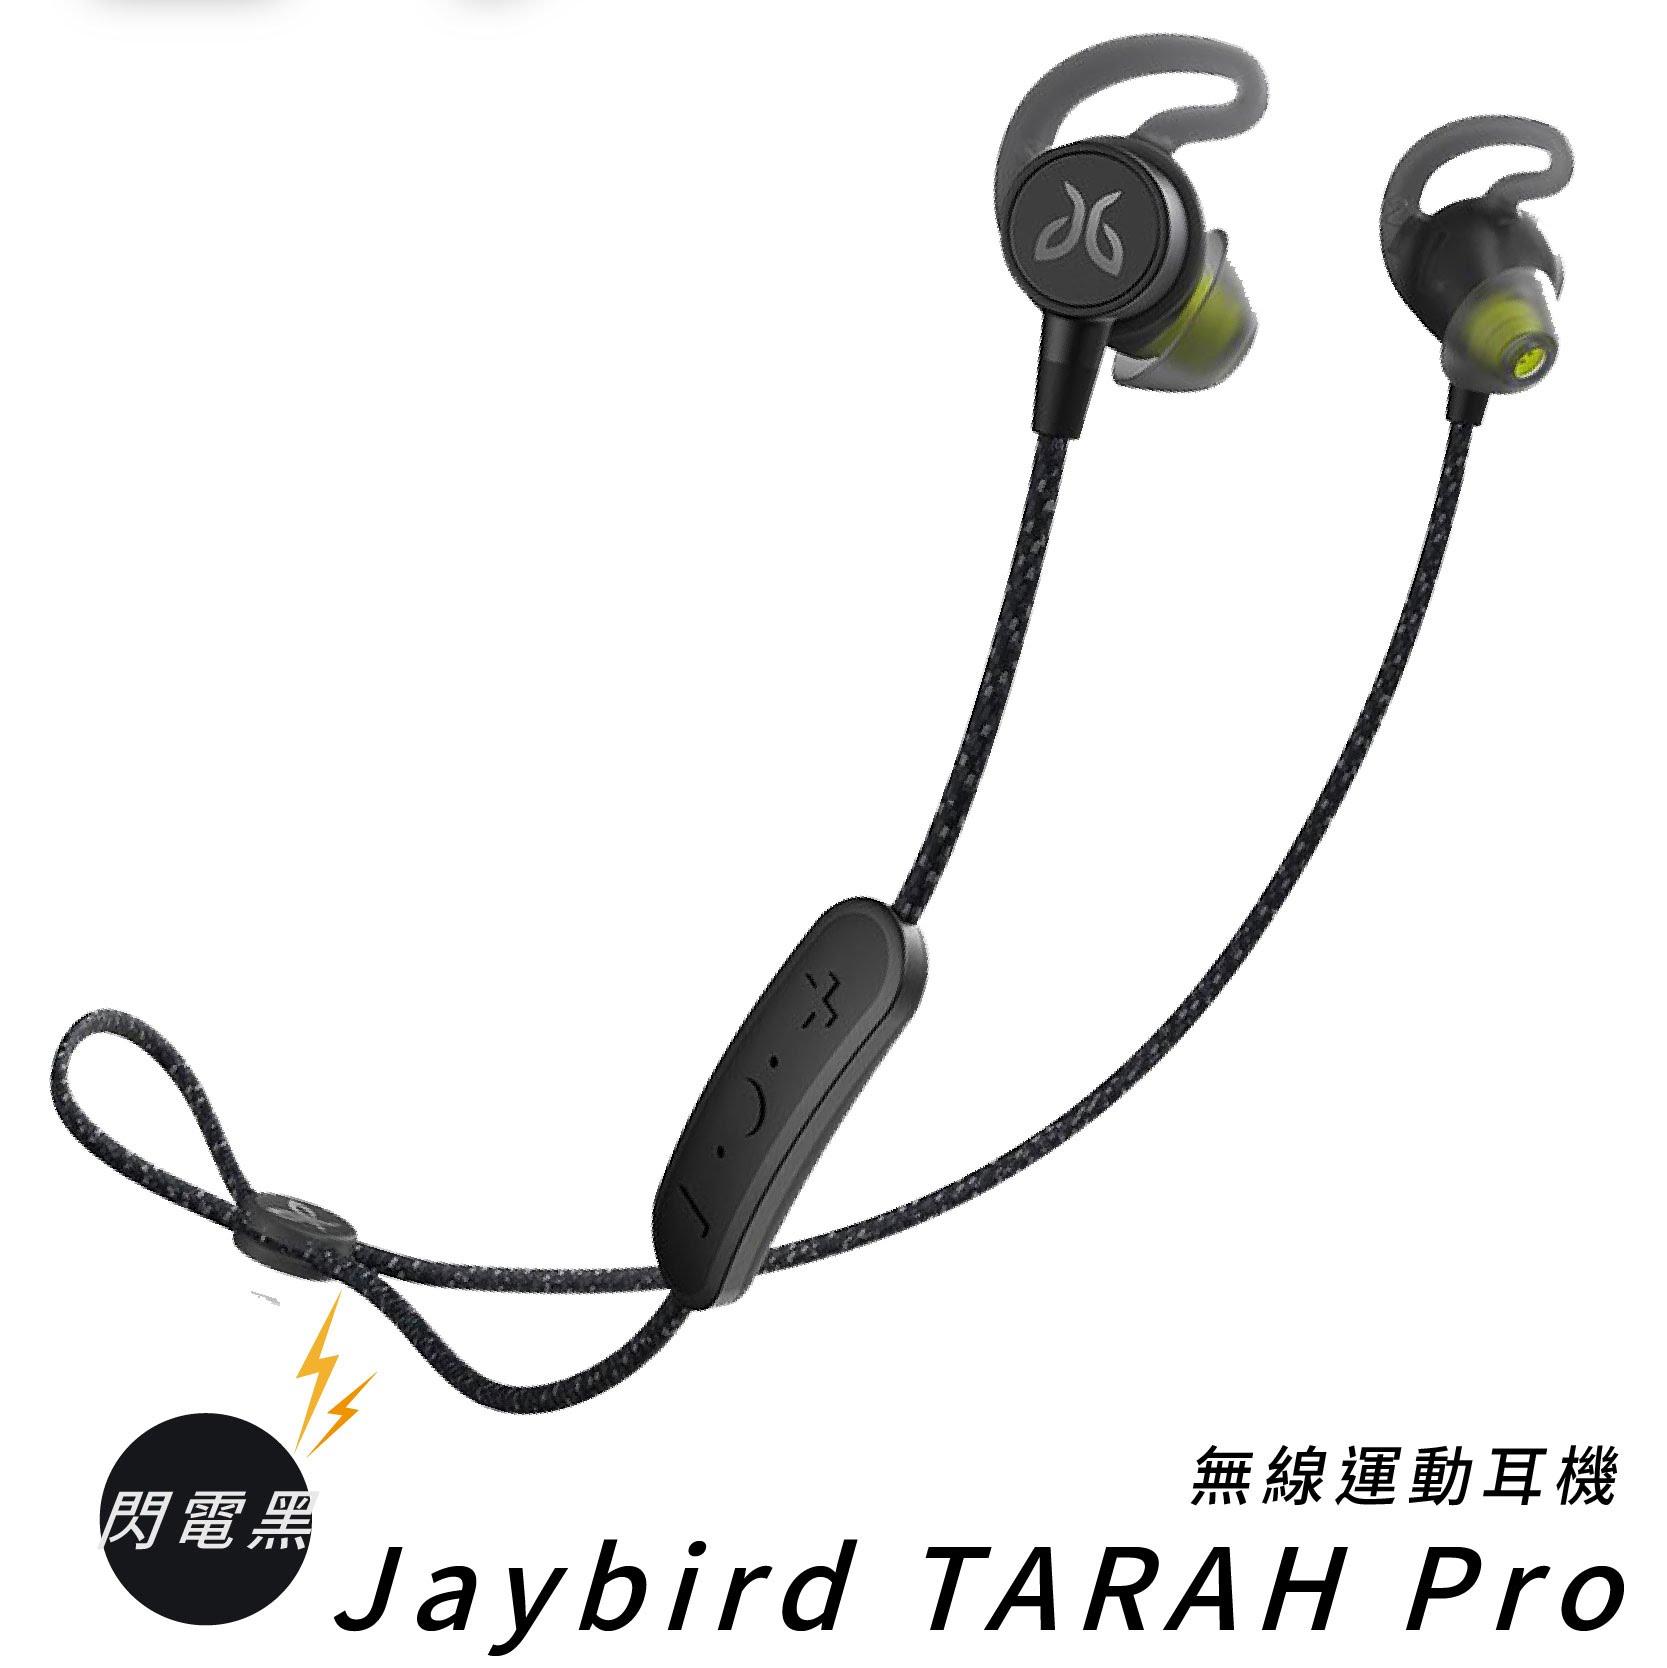 【美國JayBird】TARAH Pro 無線運動耳機-閃電黑 自訂等化器 防汗防水 健身運動 耳道式 入耳式 藍芽耳機